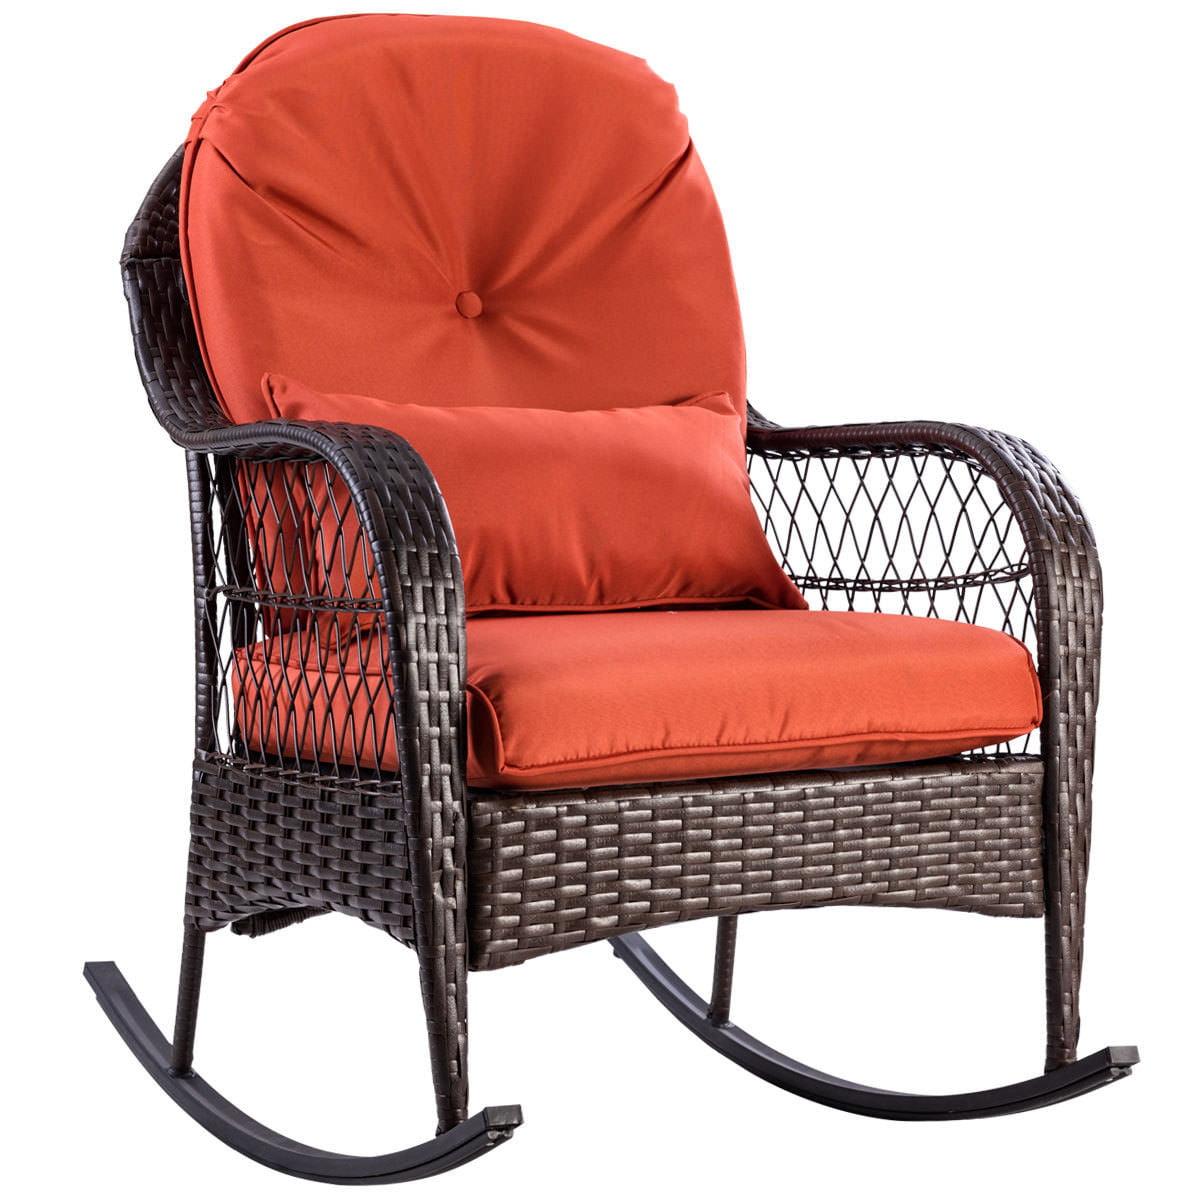 Costway Outdoor Wicker Rocking Chair